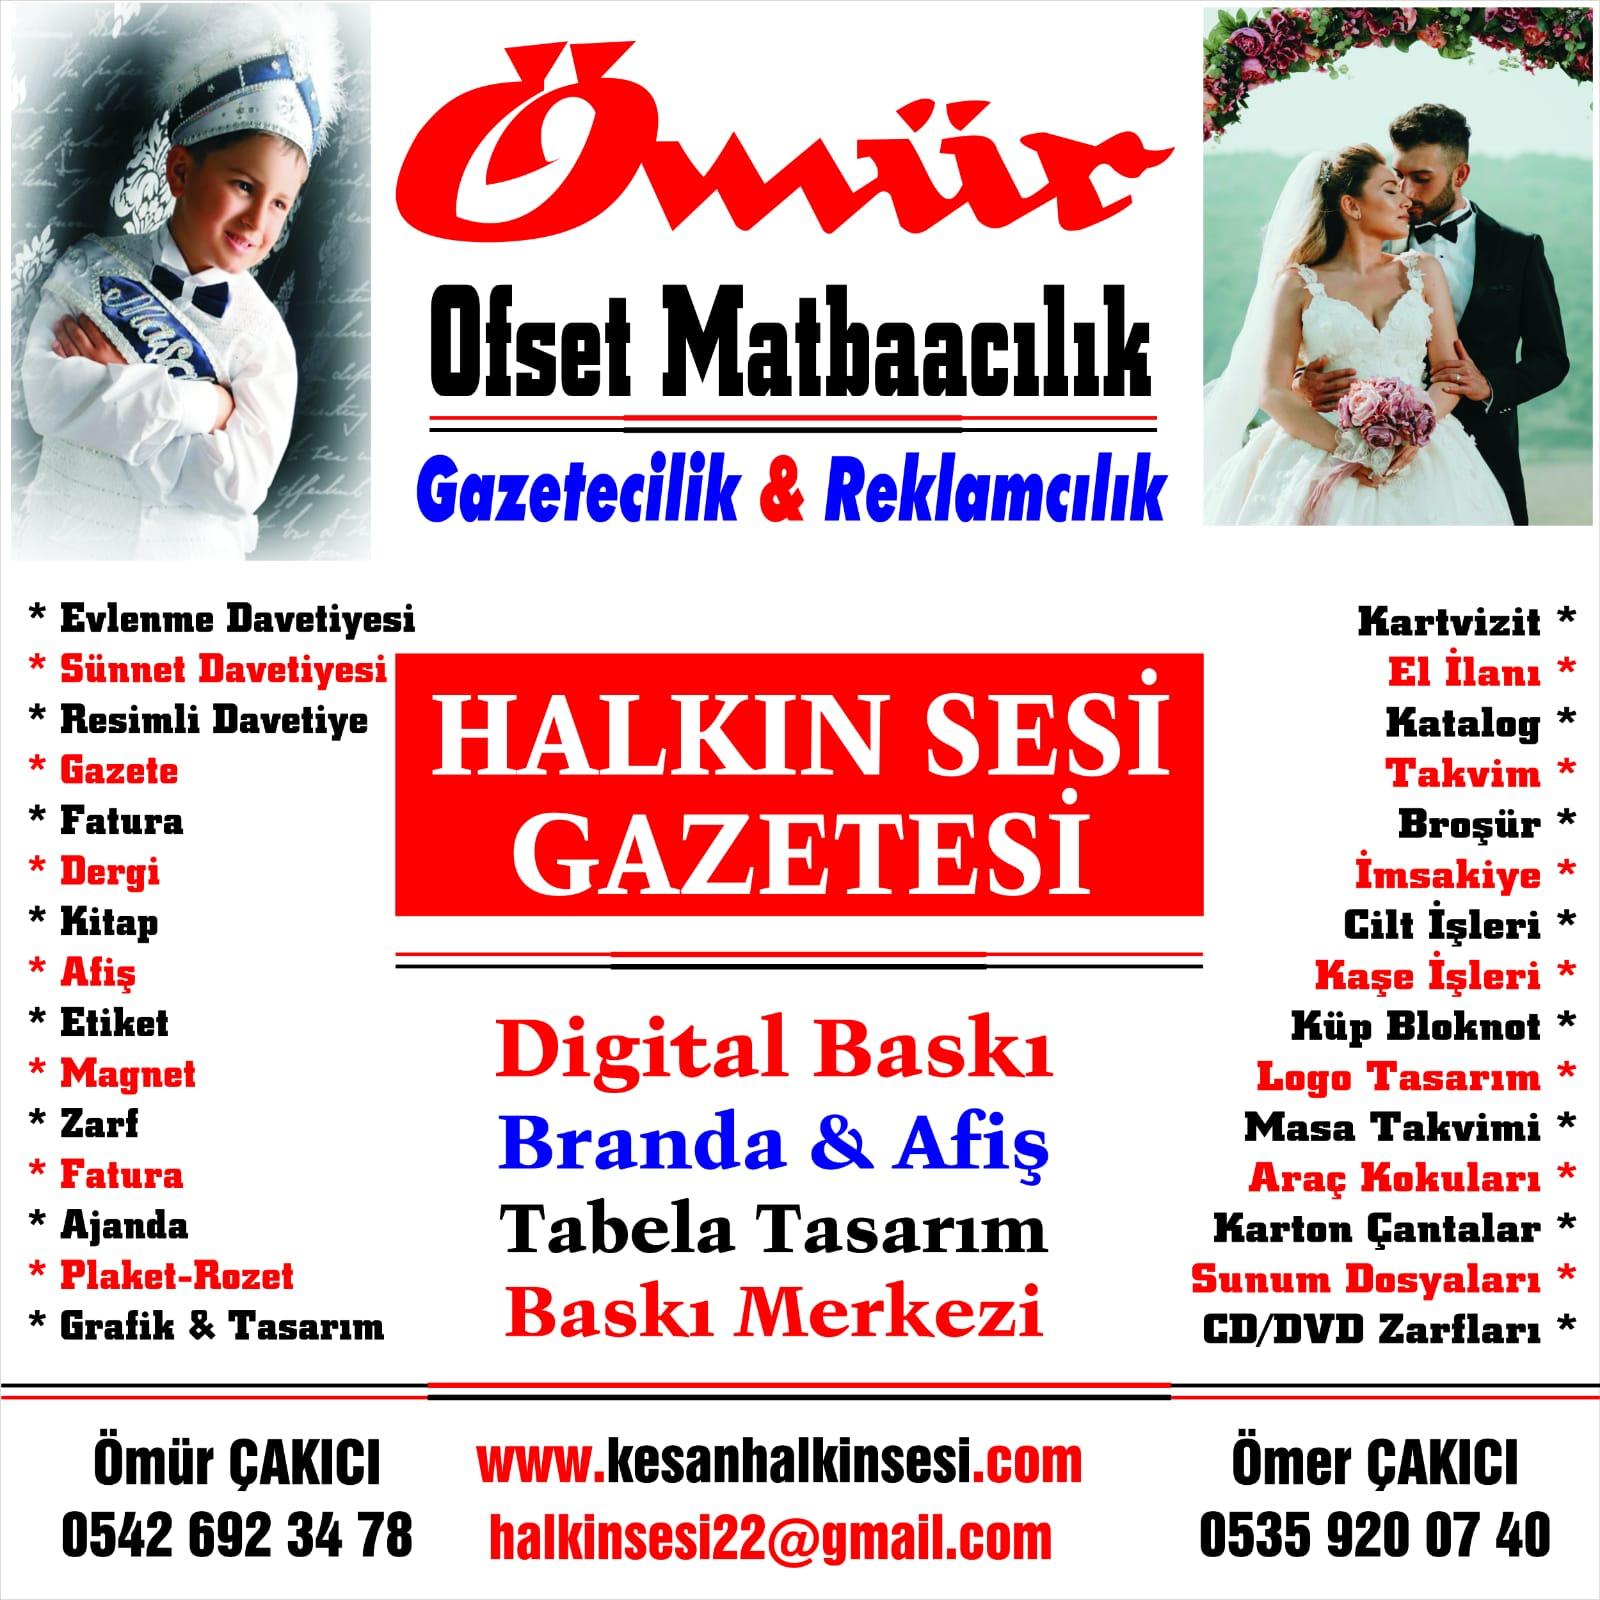 omur_ofset_matbaacilik